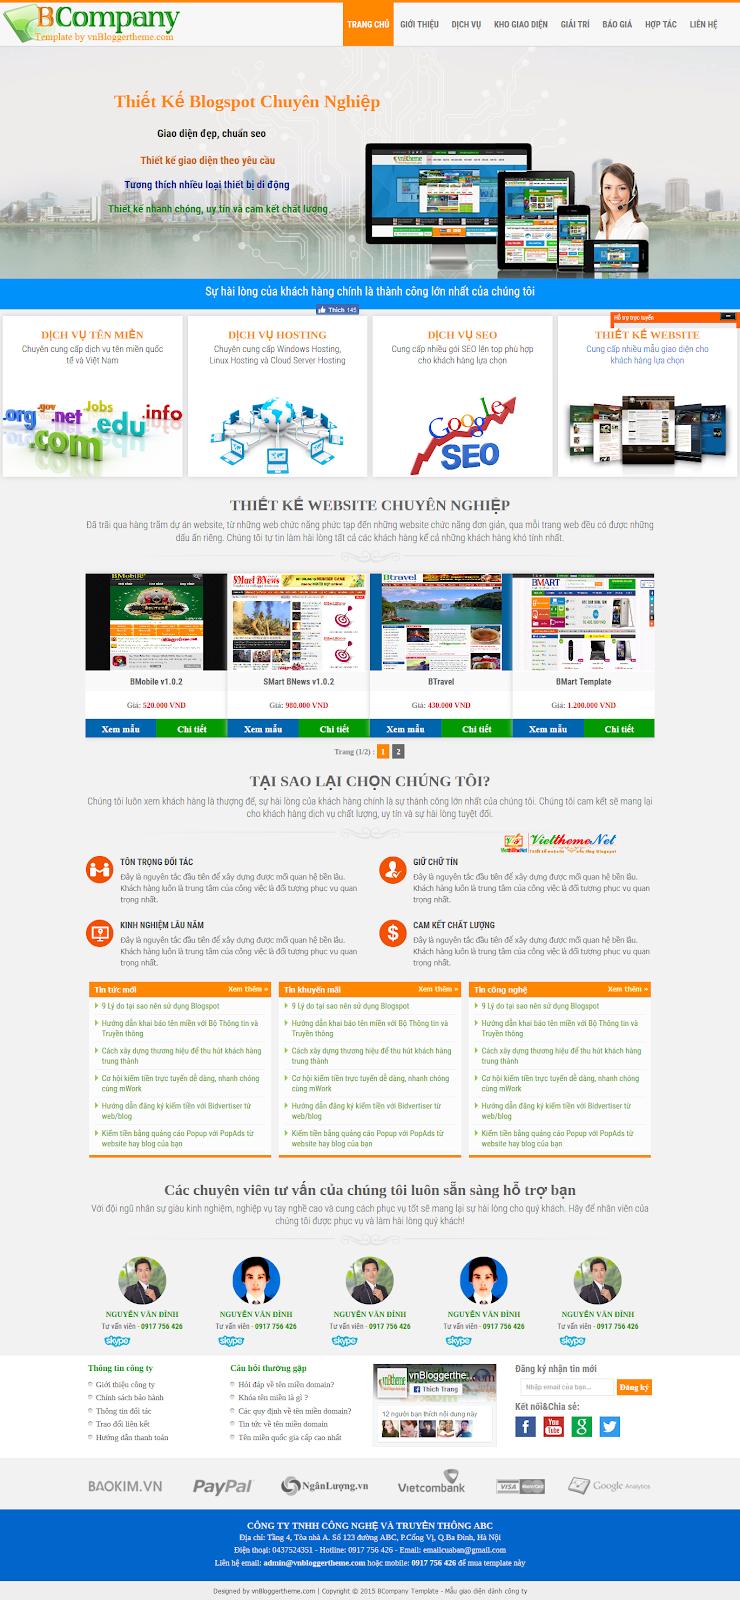 BCompany Template giới thiệu công ty về sản phẩm hay dịch vụ